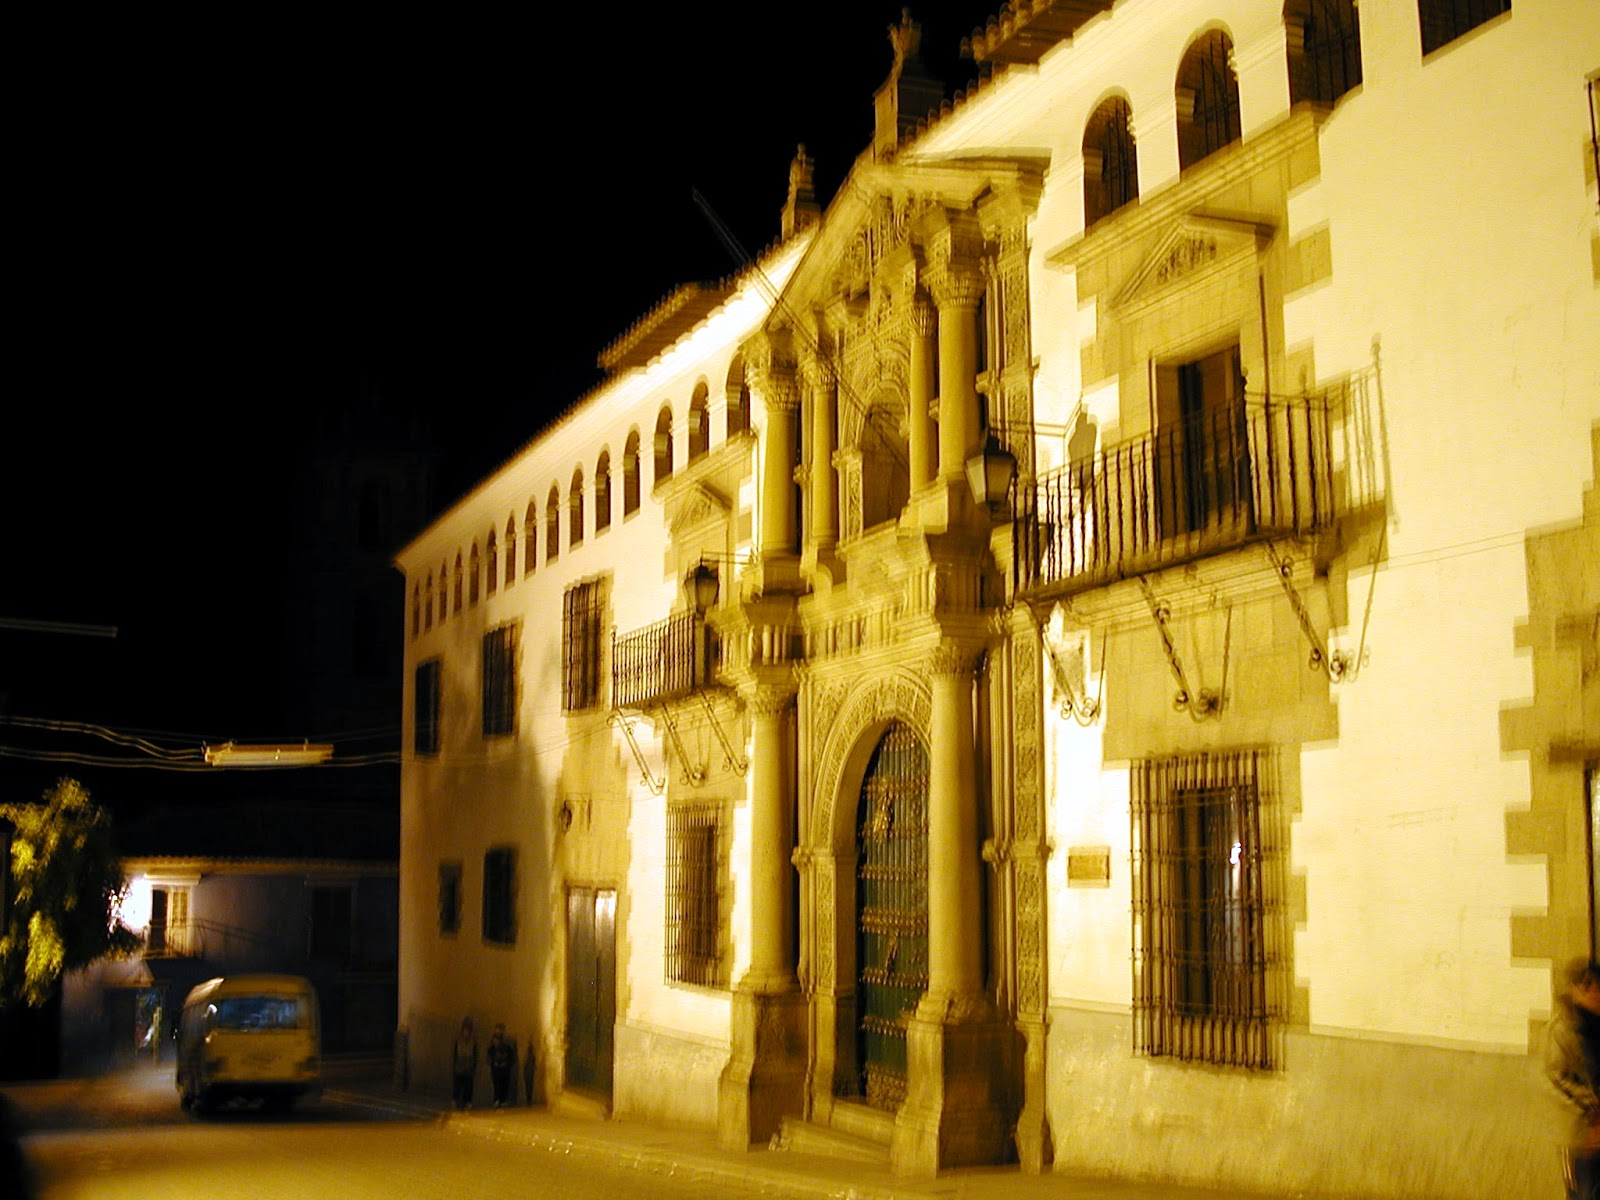 ... globetrotter: Minería artesanal en el Cerro Rico de Potosí (Bolivia